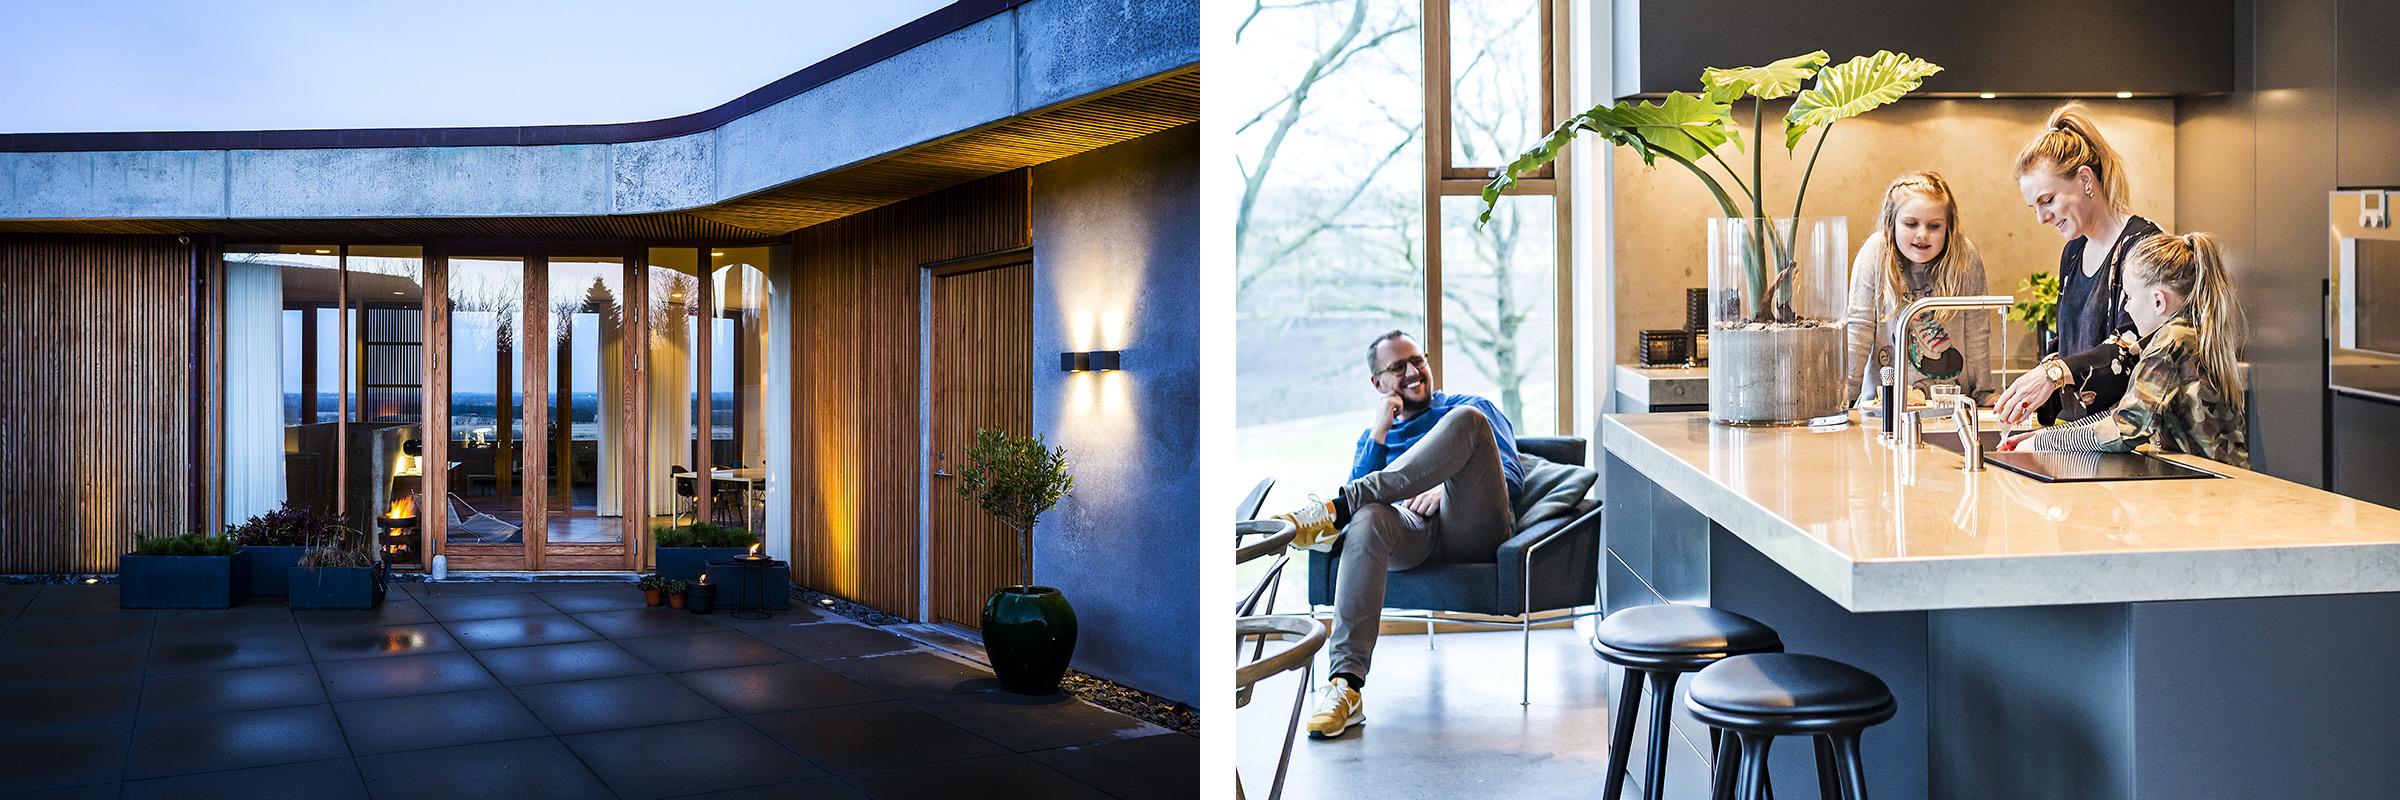 RÃ¥t til lyst   danske boligarkitekter